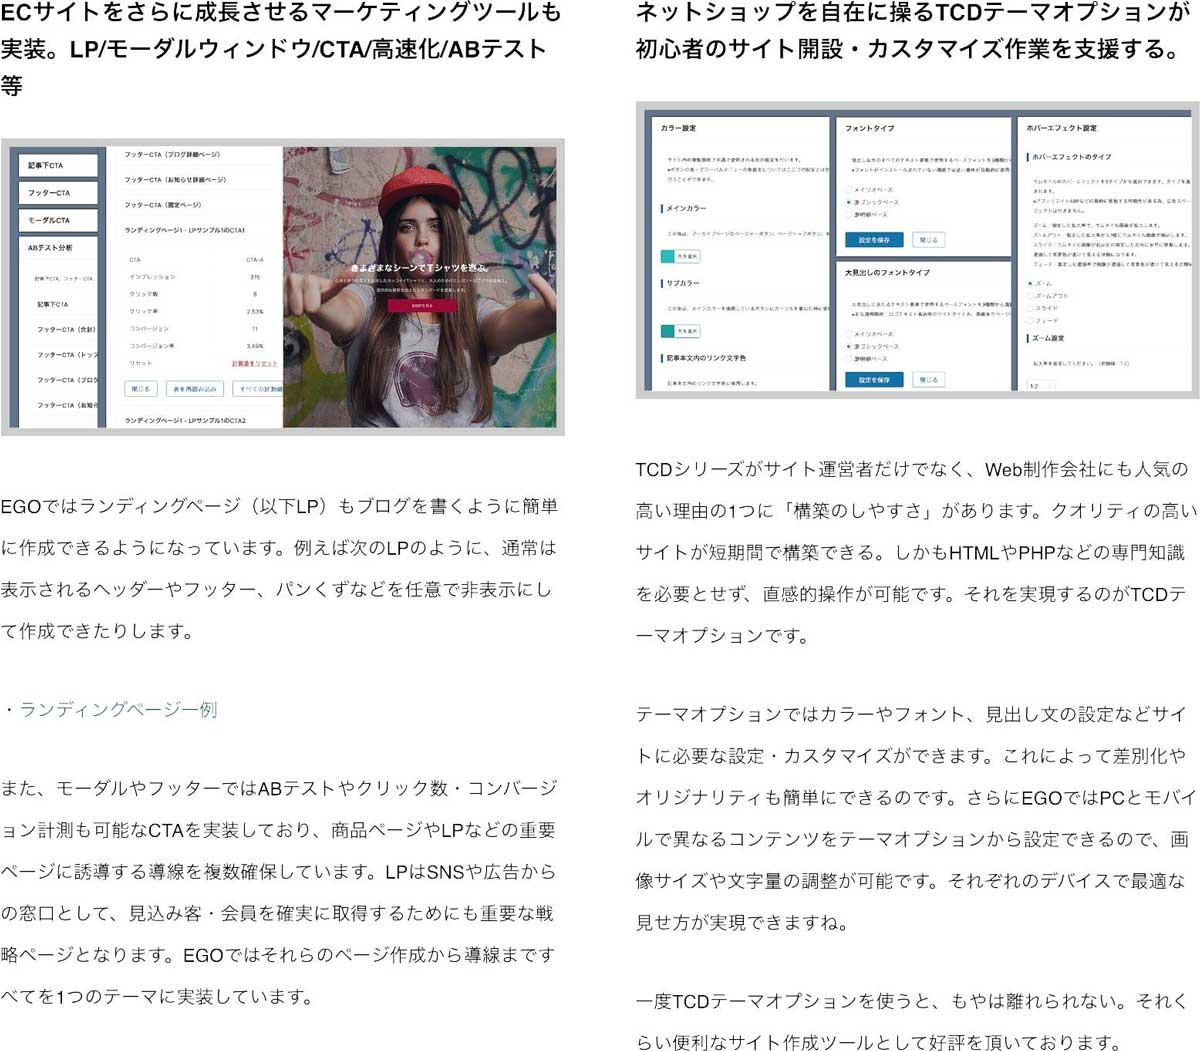 ショッピングカート「WooCommerce・Welcart」対応のECサイト向けWordPressテーマ「EGO.」 wordpress_free_themes_tcd079_05